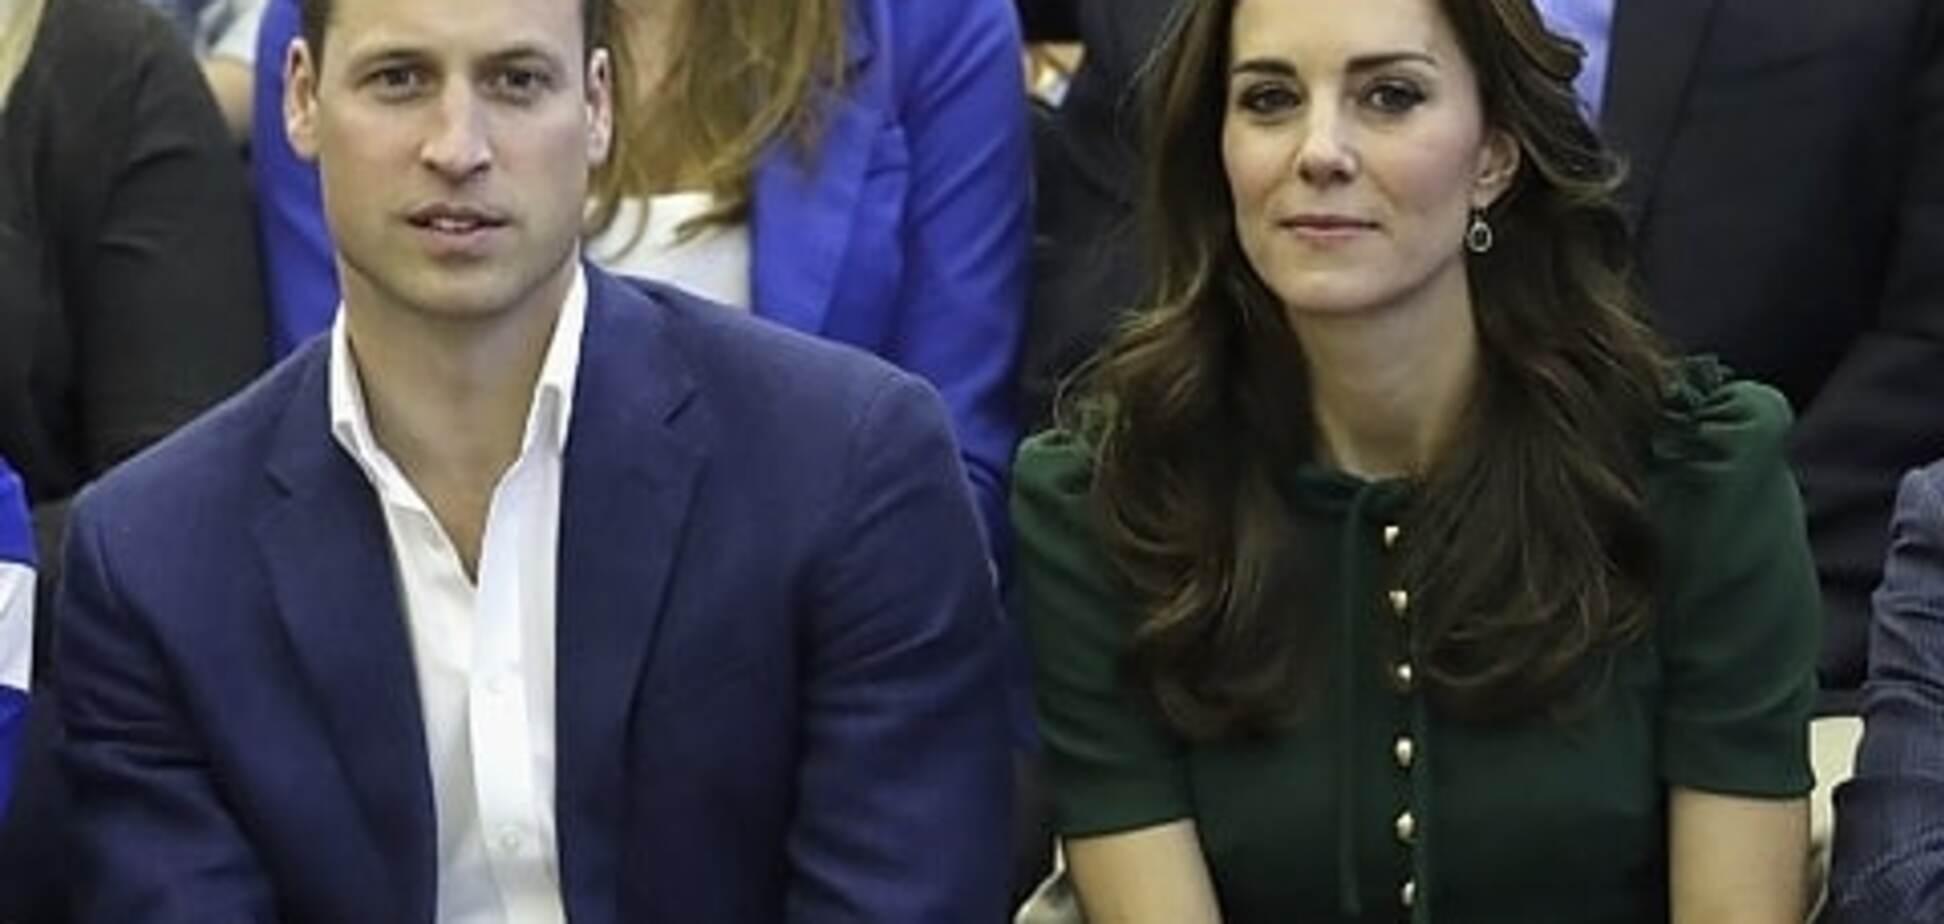 Принц Уильям и Кейт Миддлтон в Канаде